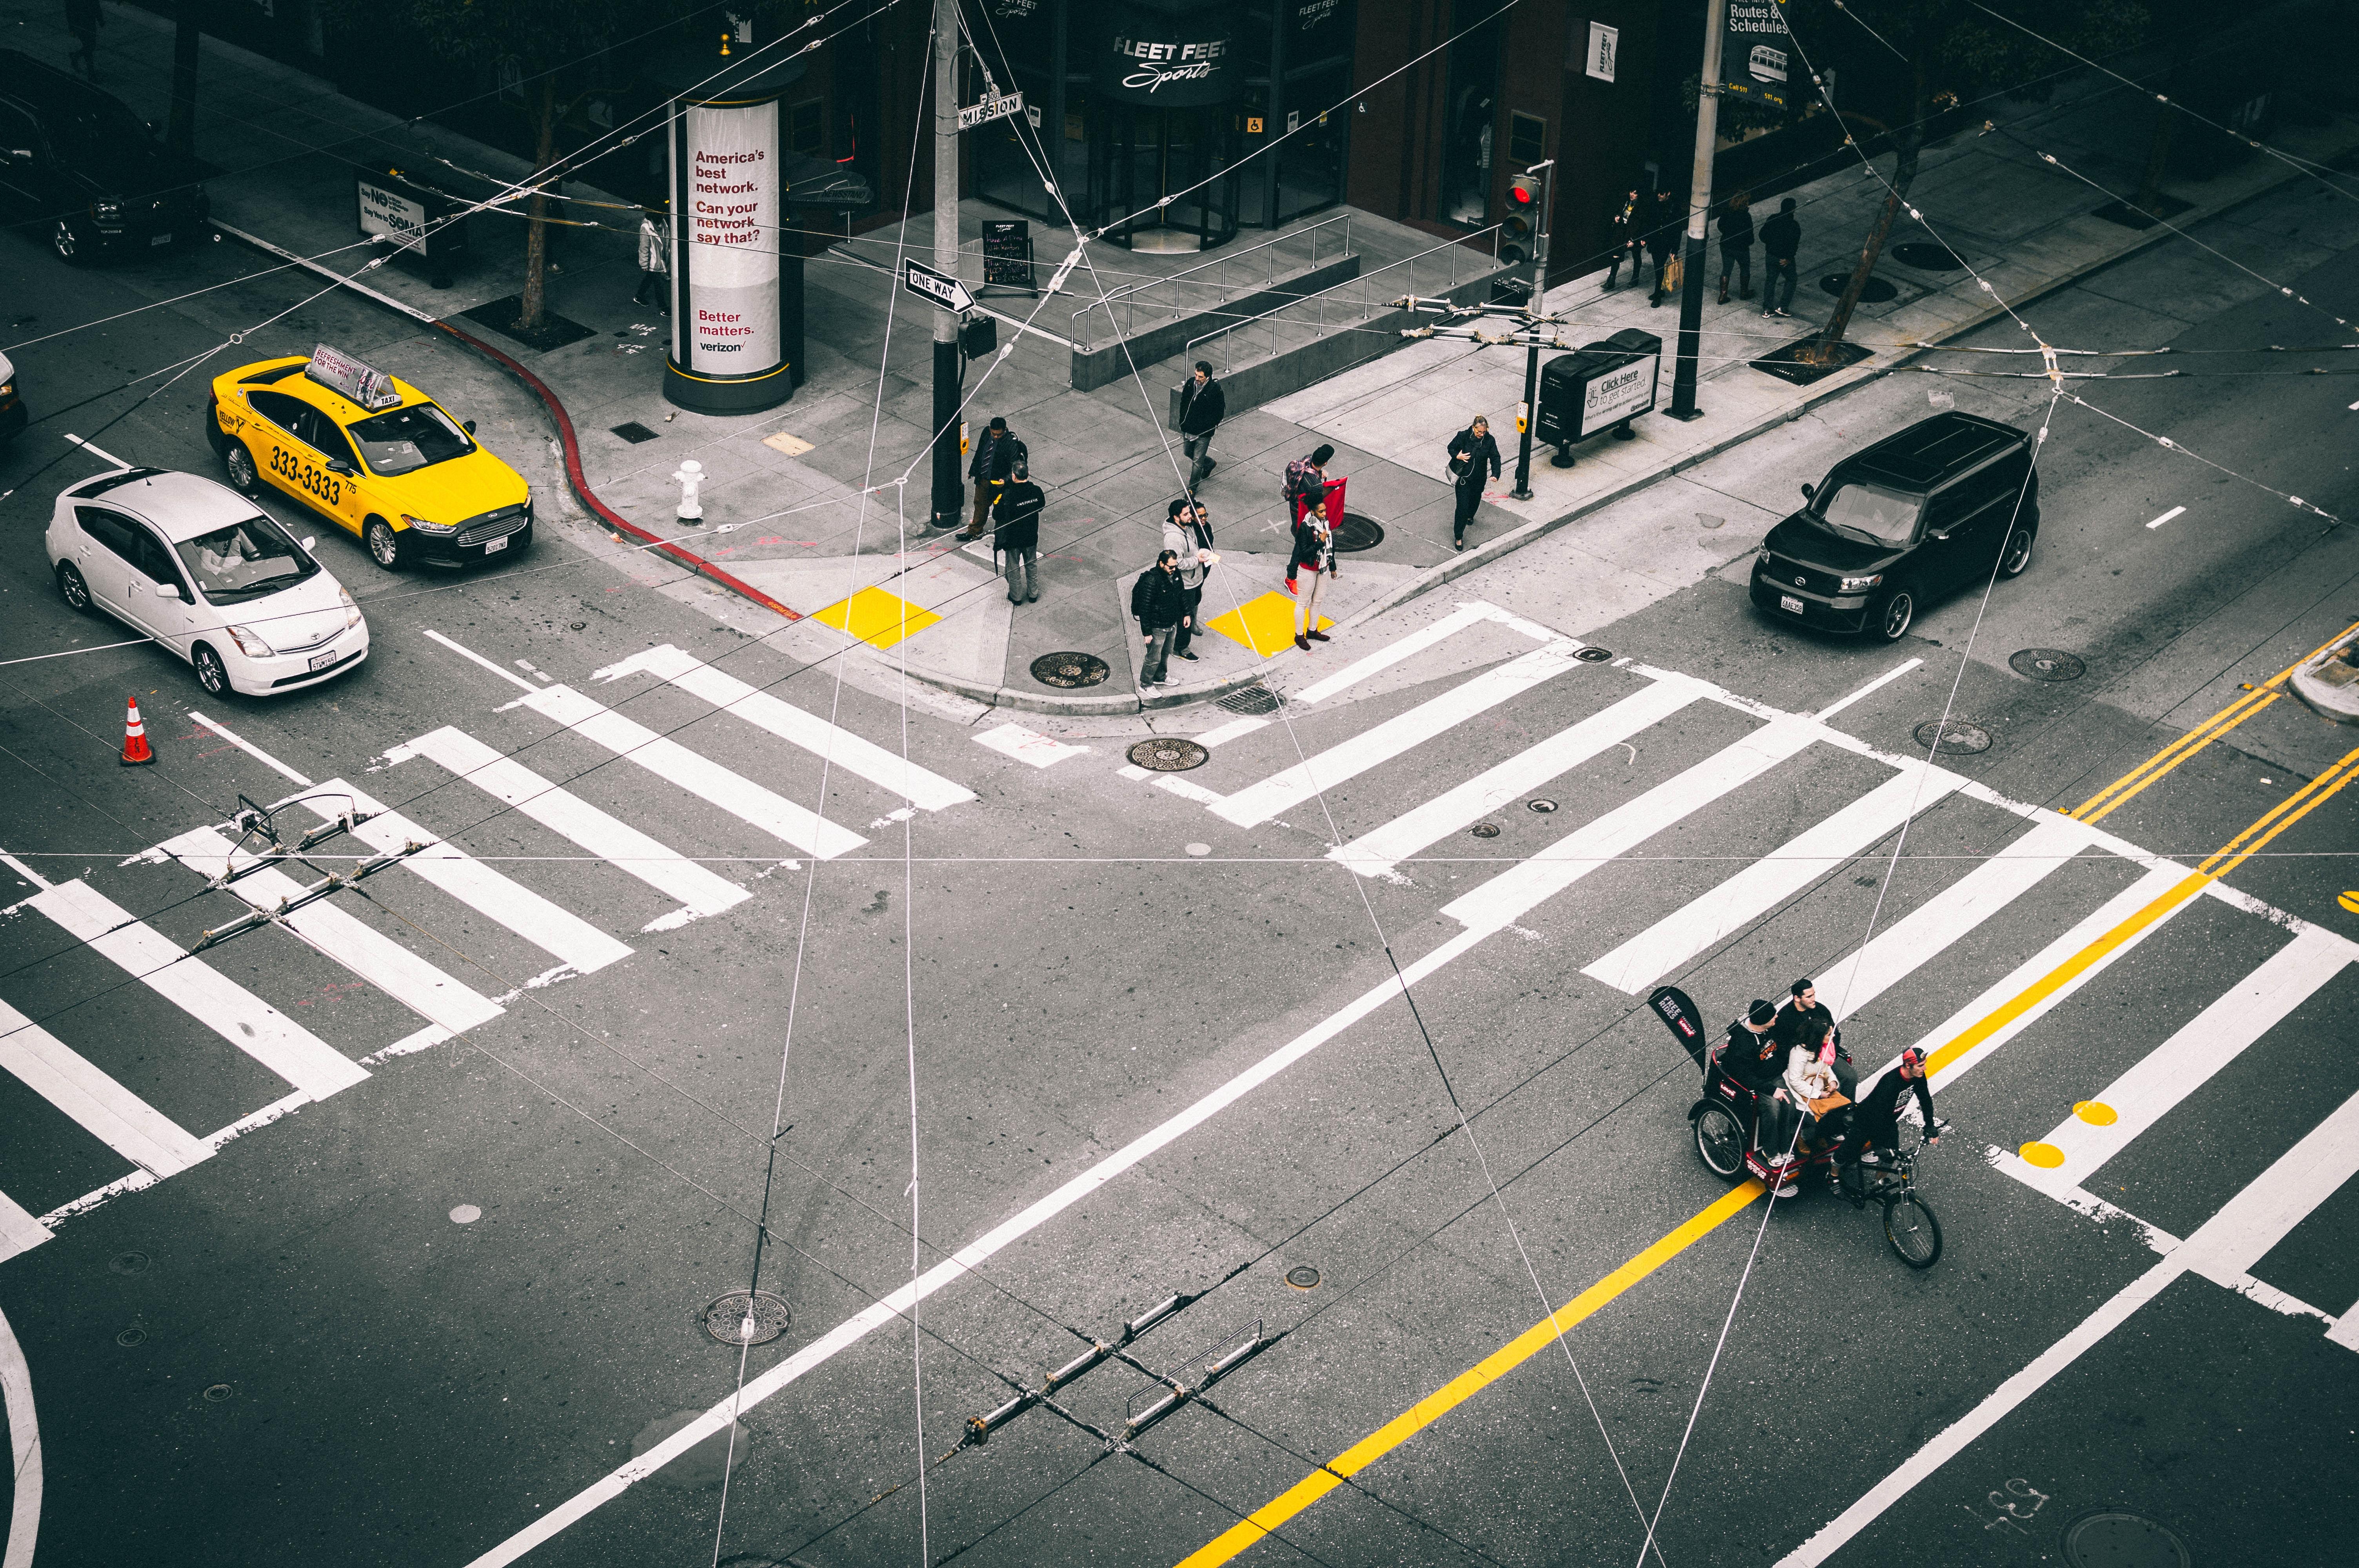 hình ảnh : đường phố, xe hơi, Nhựa đường, hàng, Xe, ngã tư, màu vàng, Lane,  góc 6016x4000